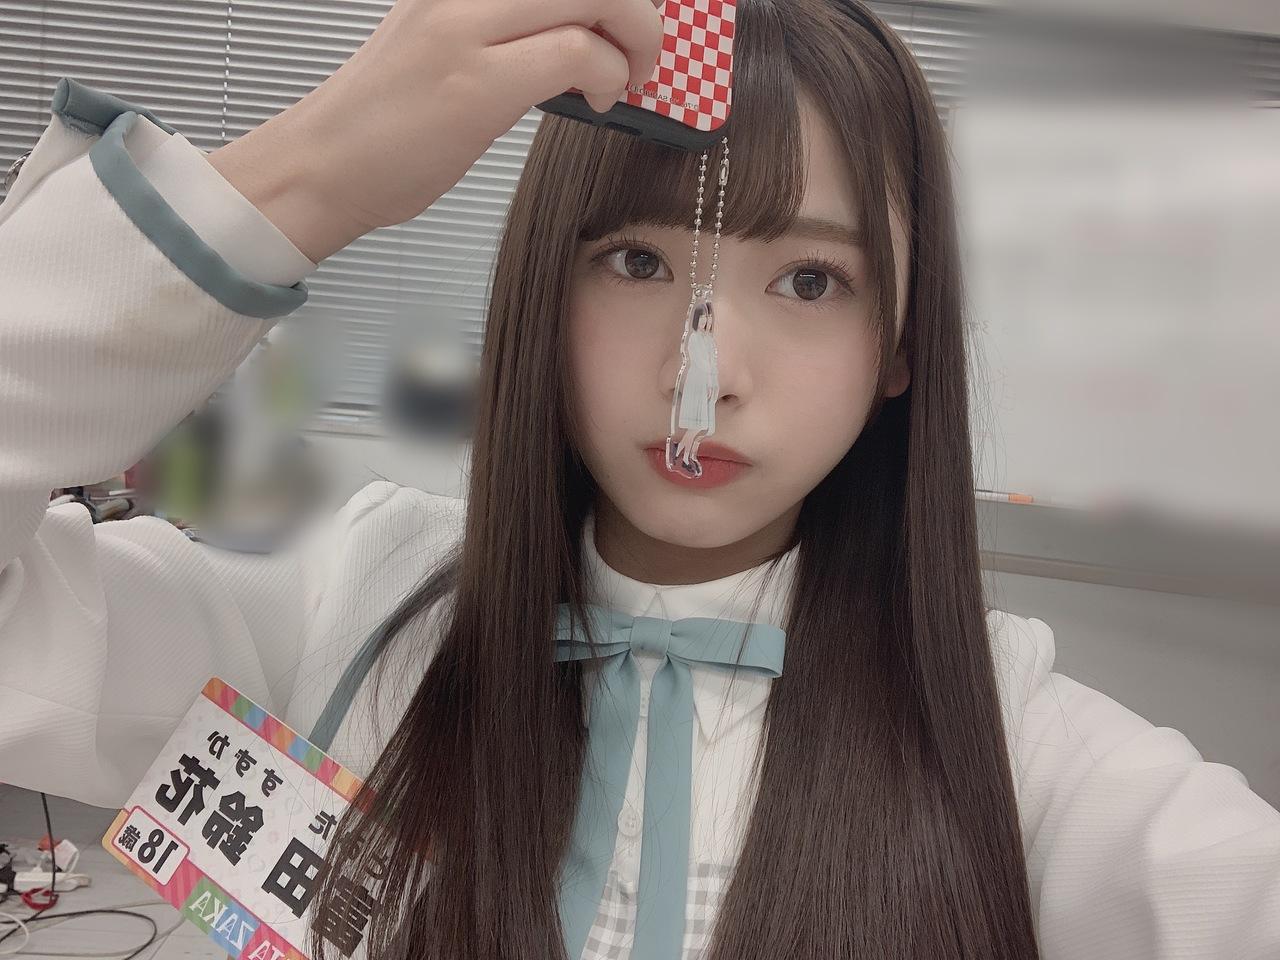 日向坂46メンバーブログまとめ2019年3月30日